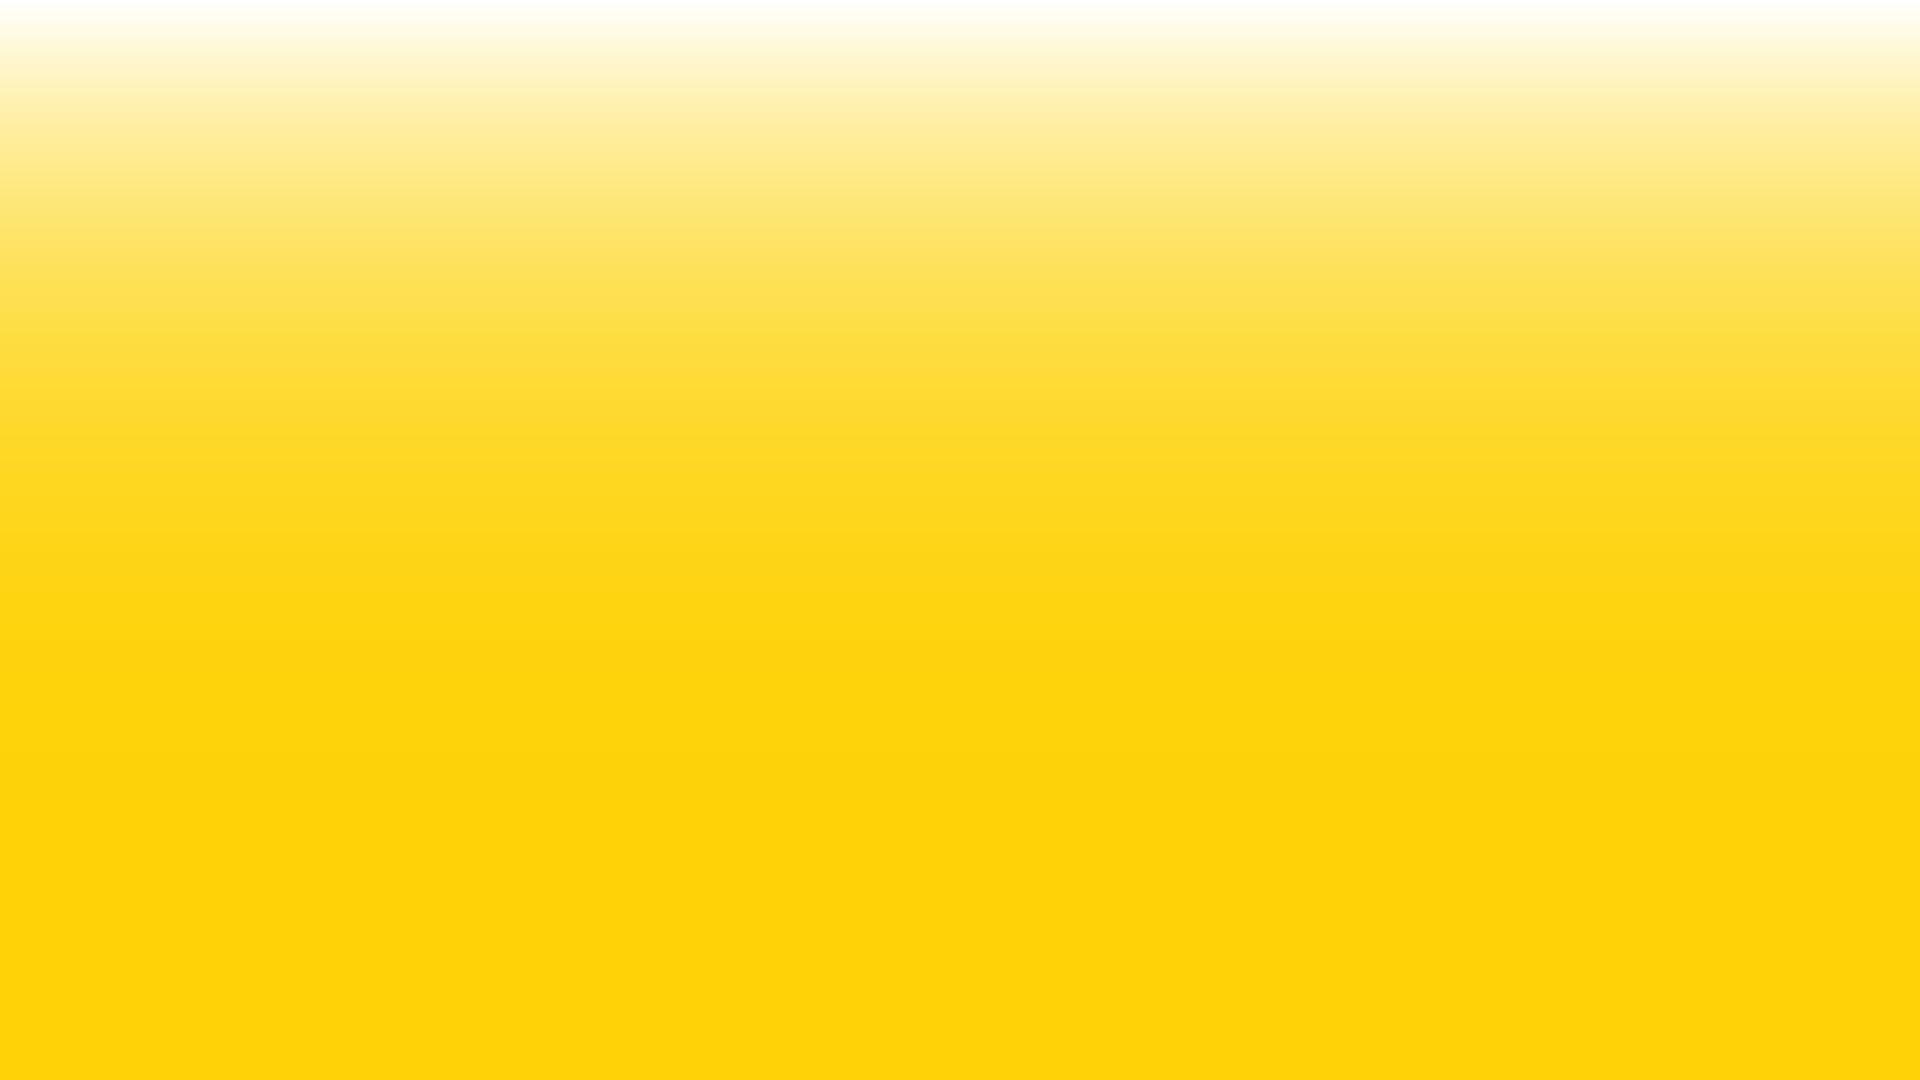 Website-Gradient-Block-Yellow.png